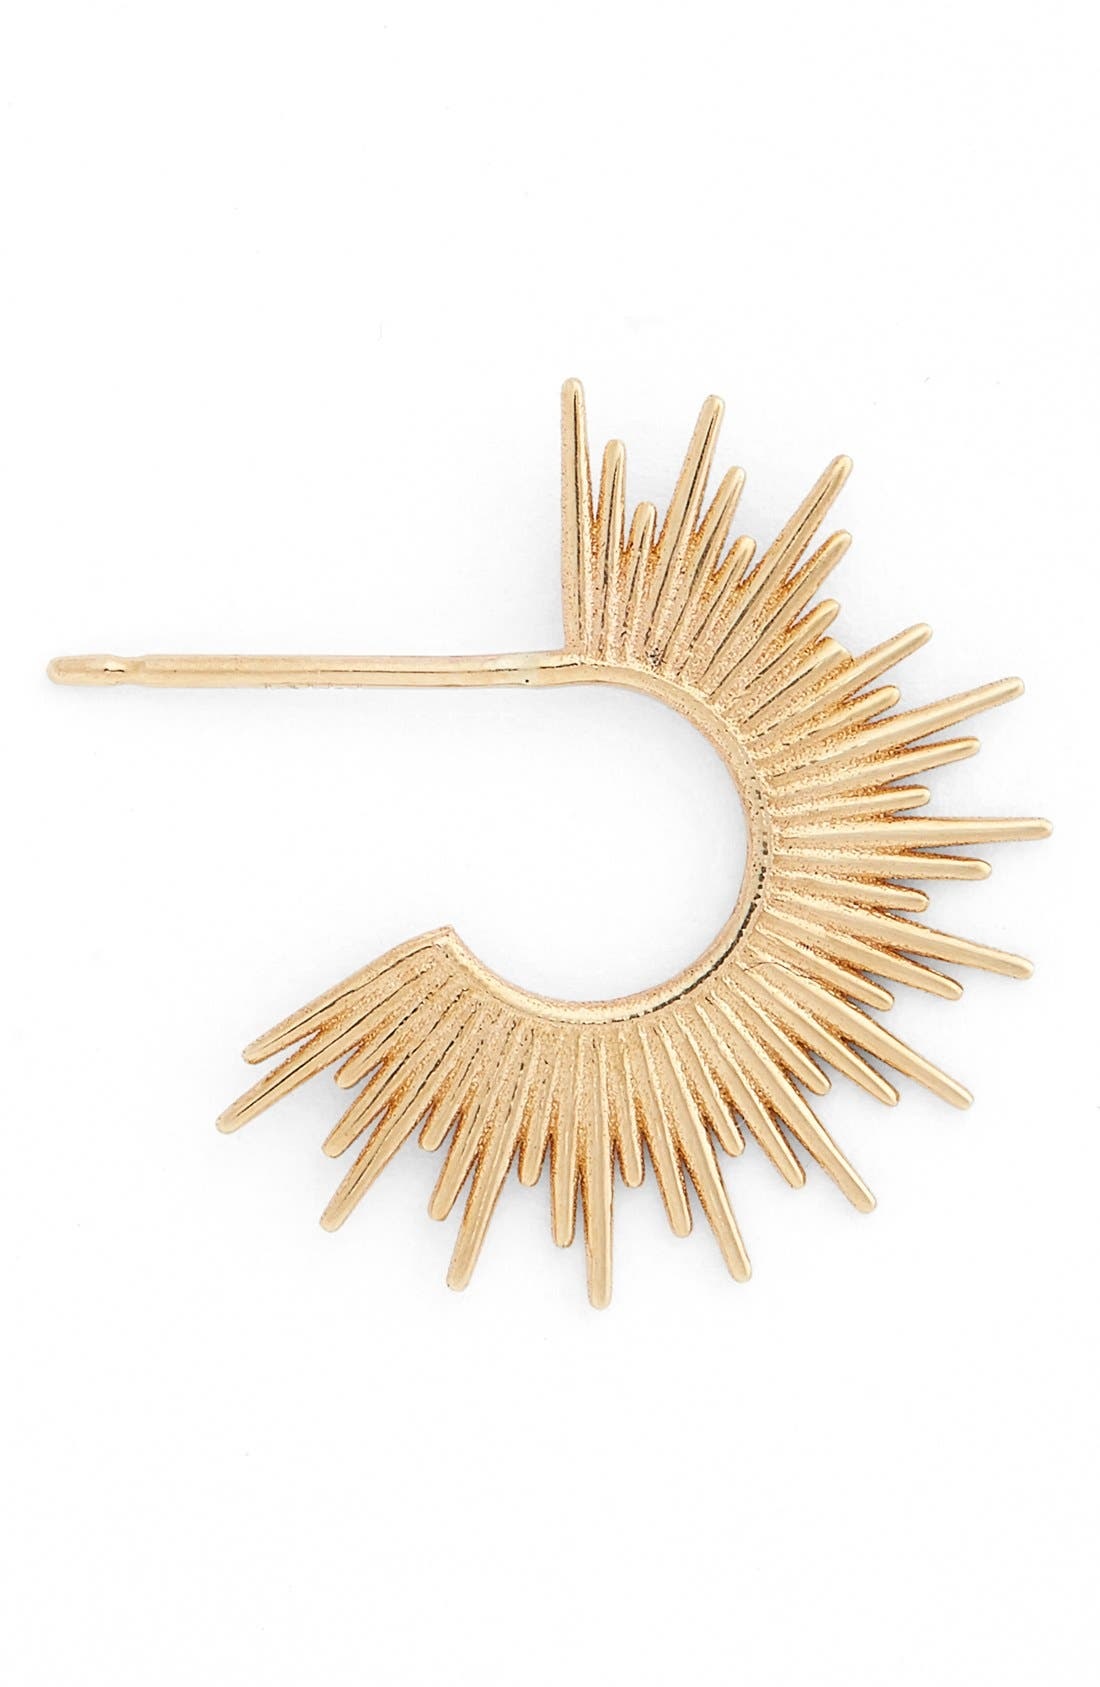 Main Image - SARAH & SEBASTIAN 'Nimbus' Single Hoop Earring